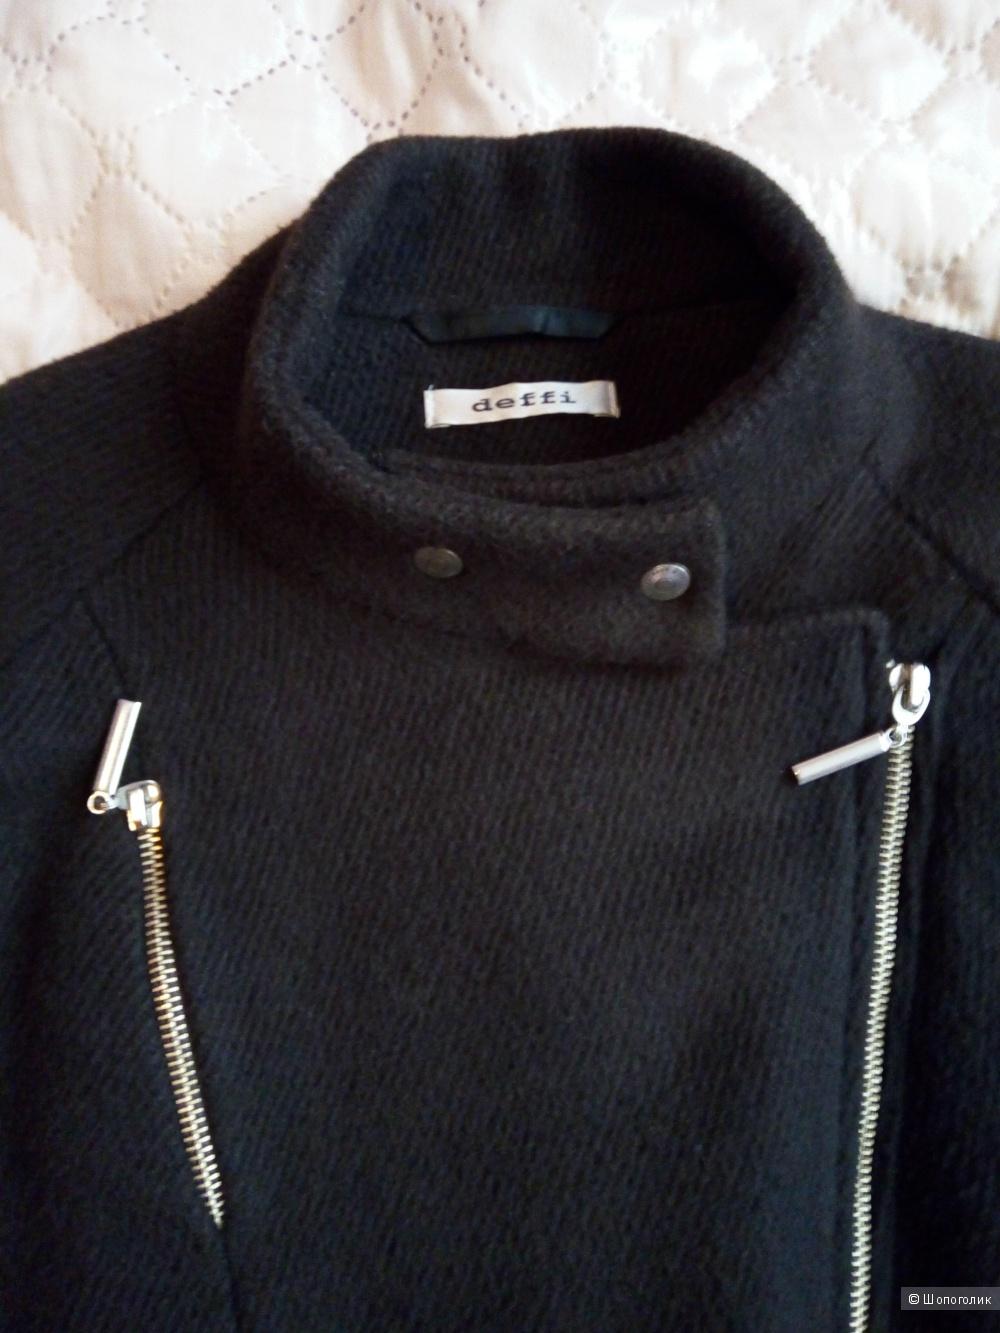 Пальто от дизайнера Ольги Деффи, 44 размер